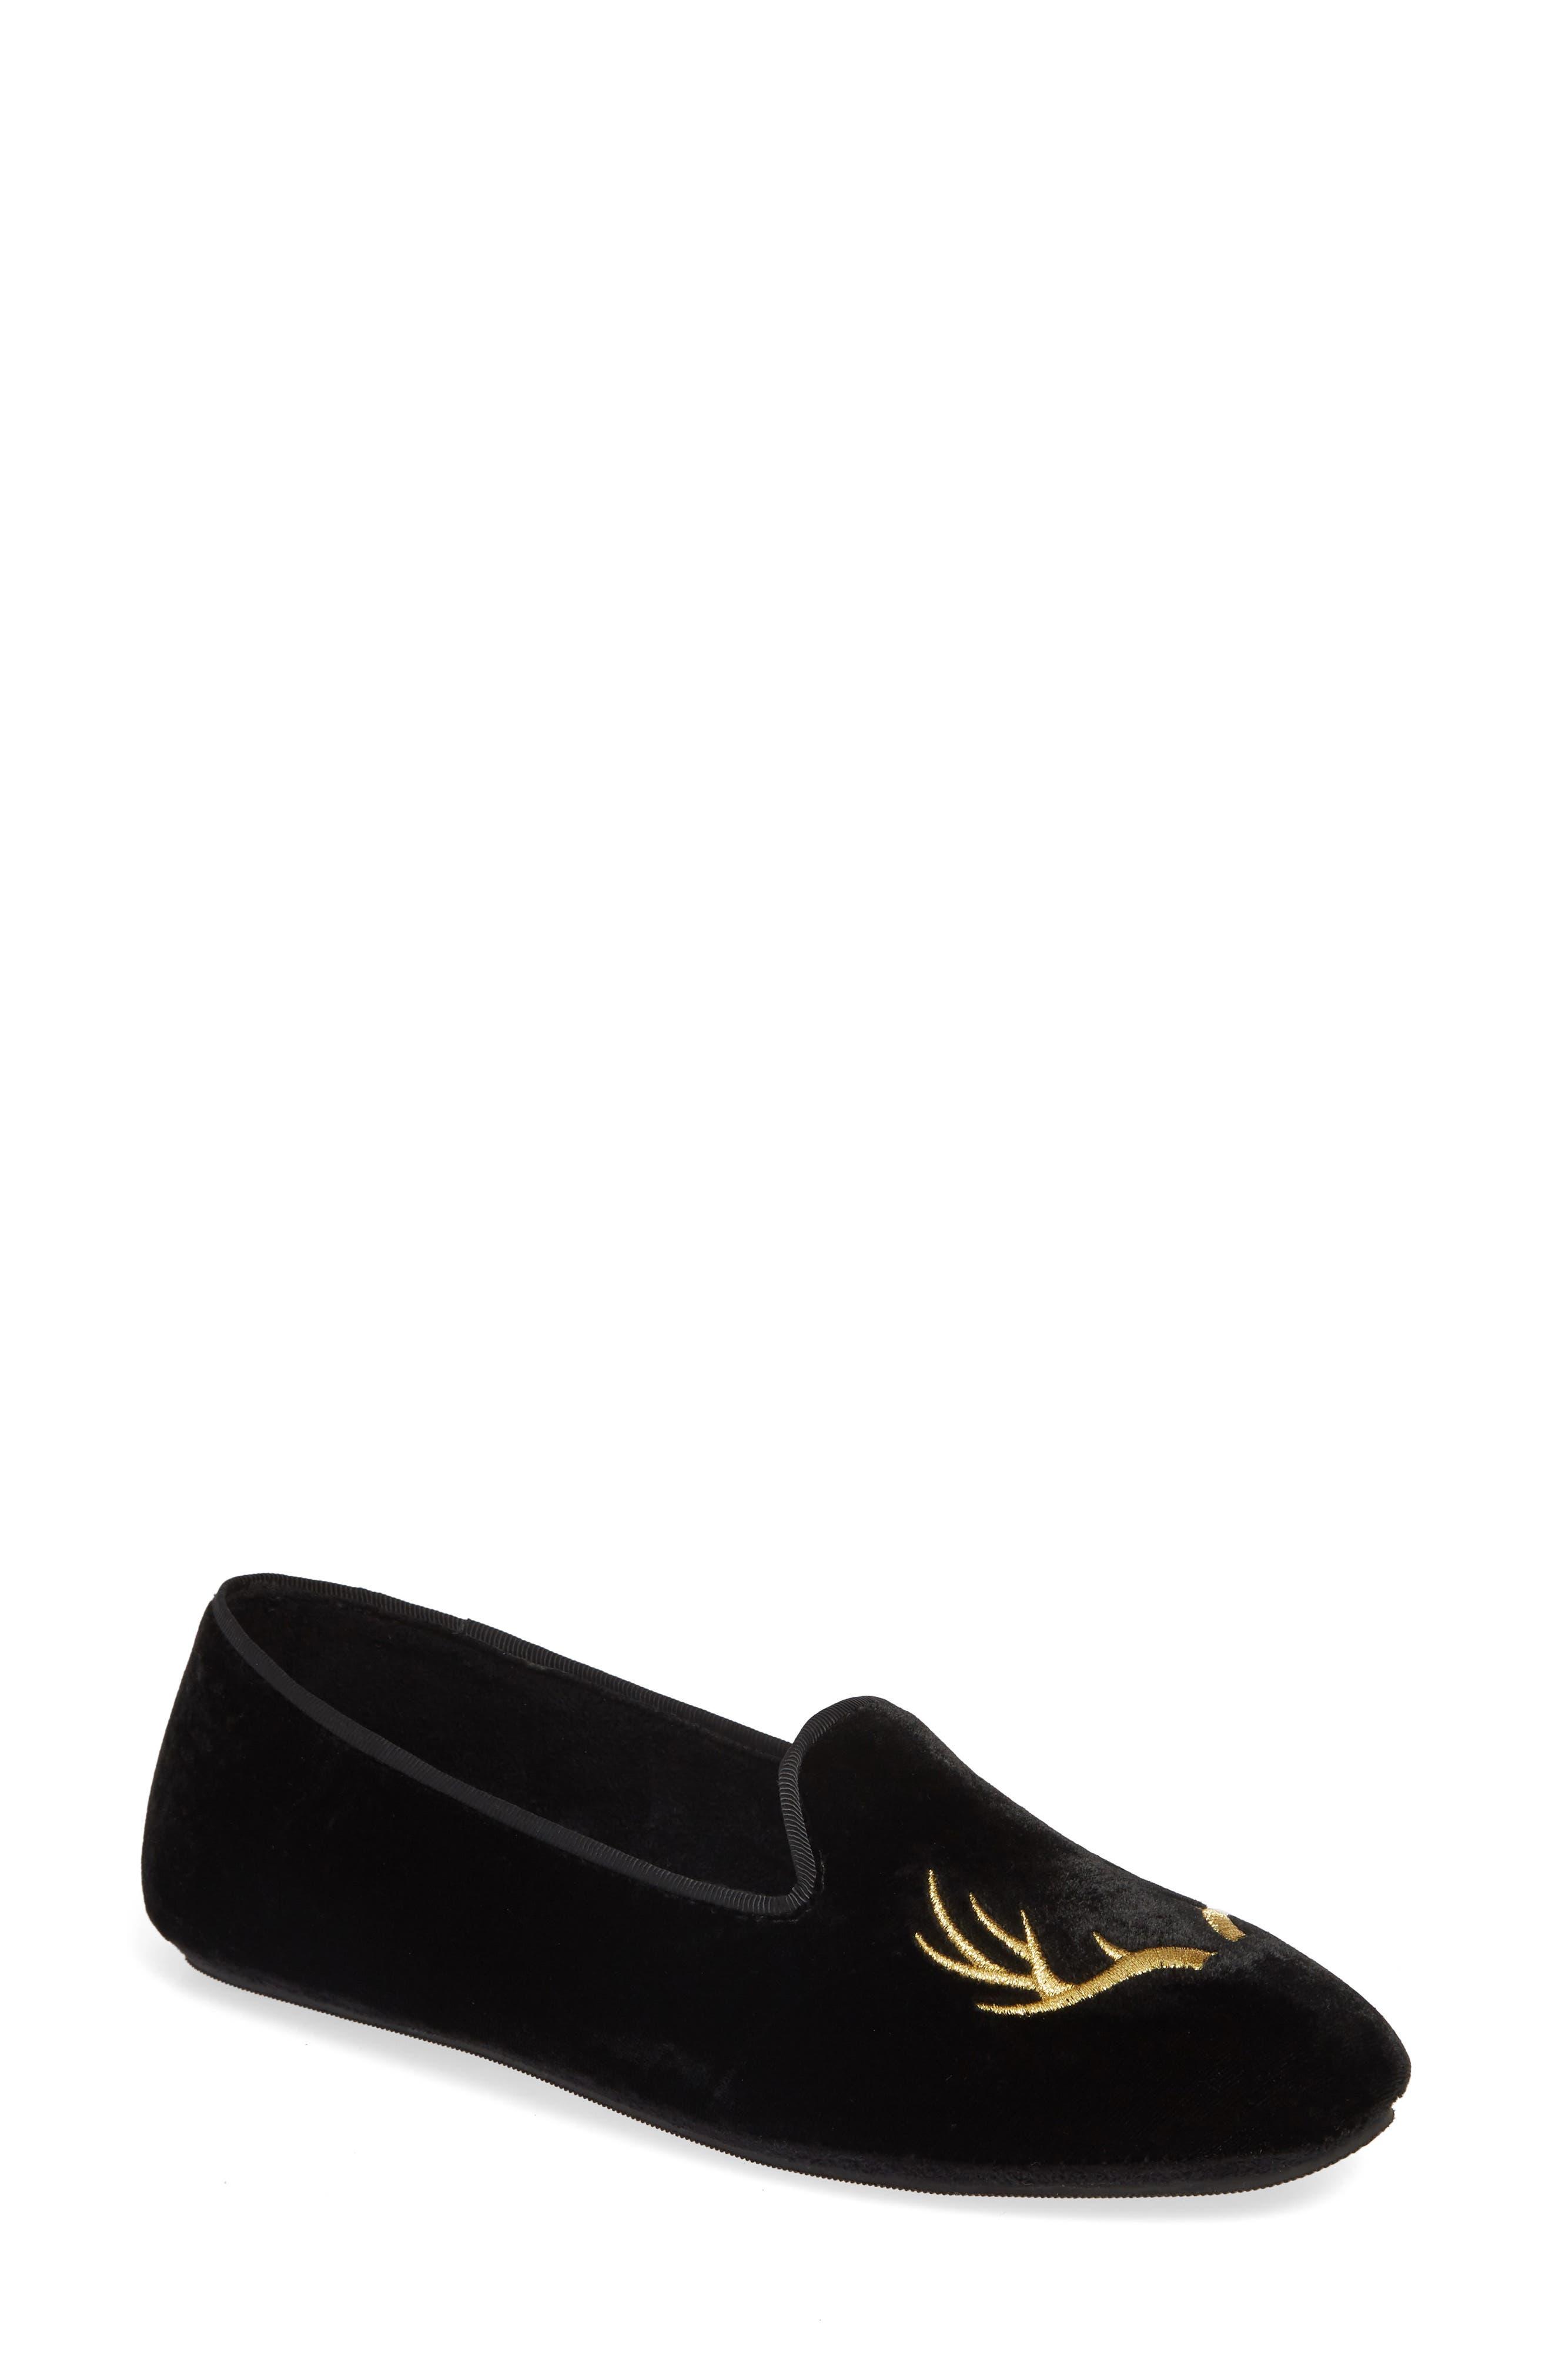 Patricia Green Elegant Antler Loafer, Black